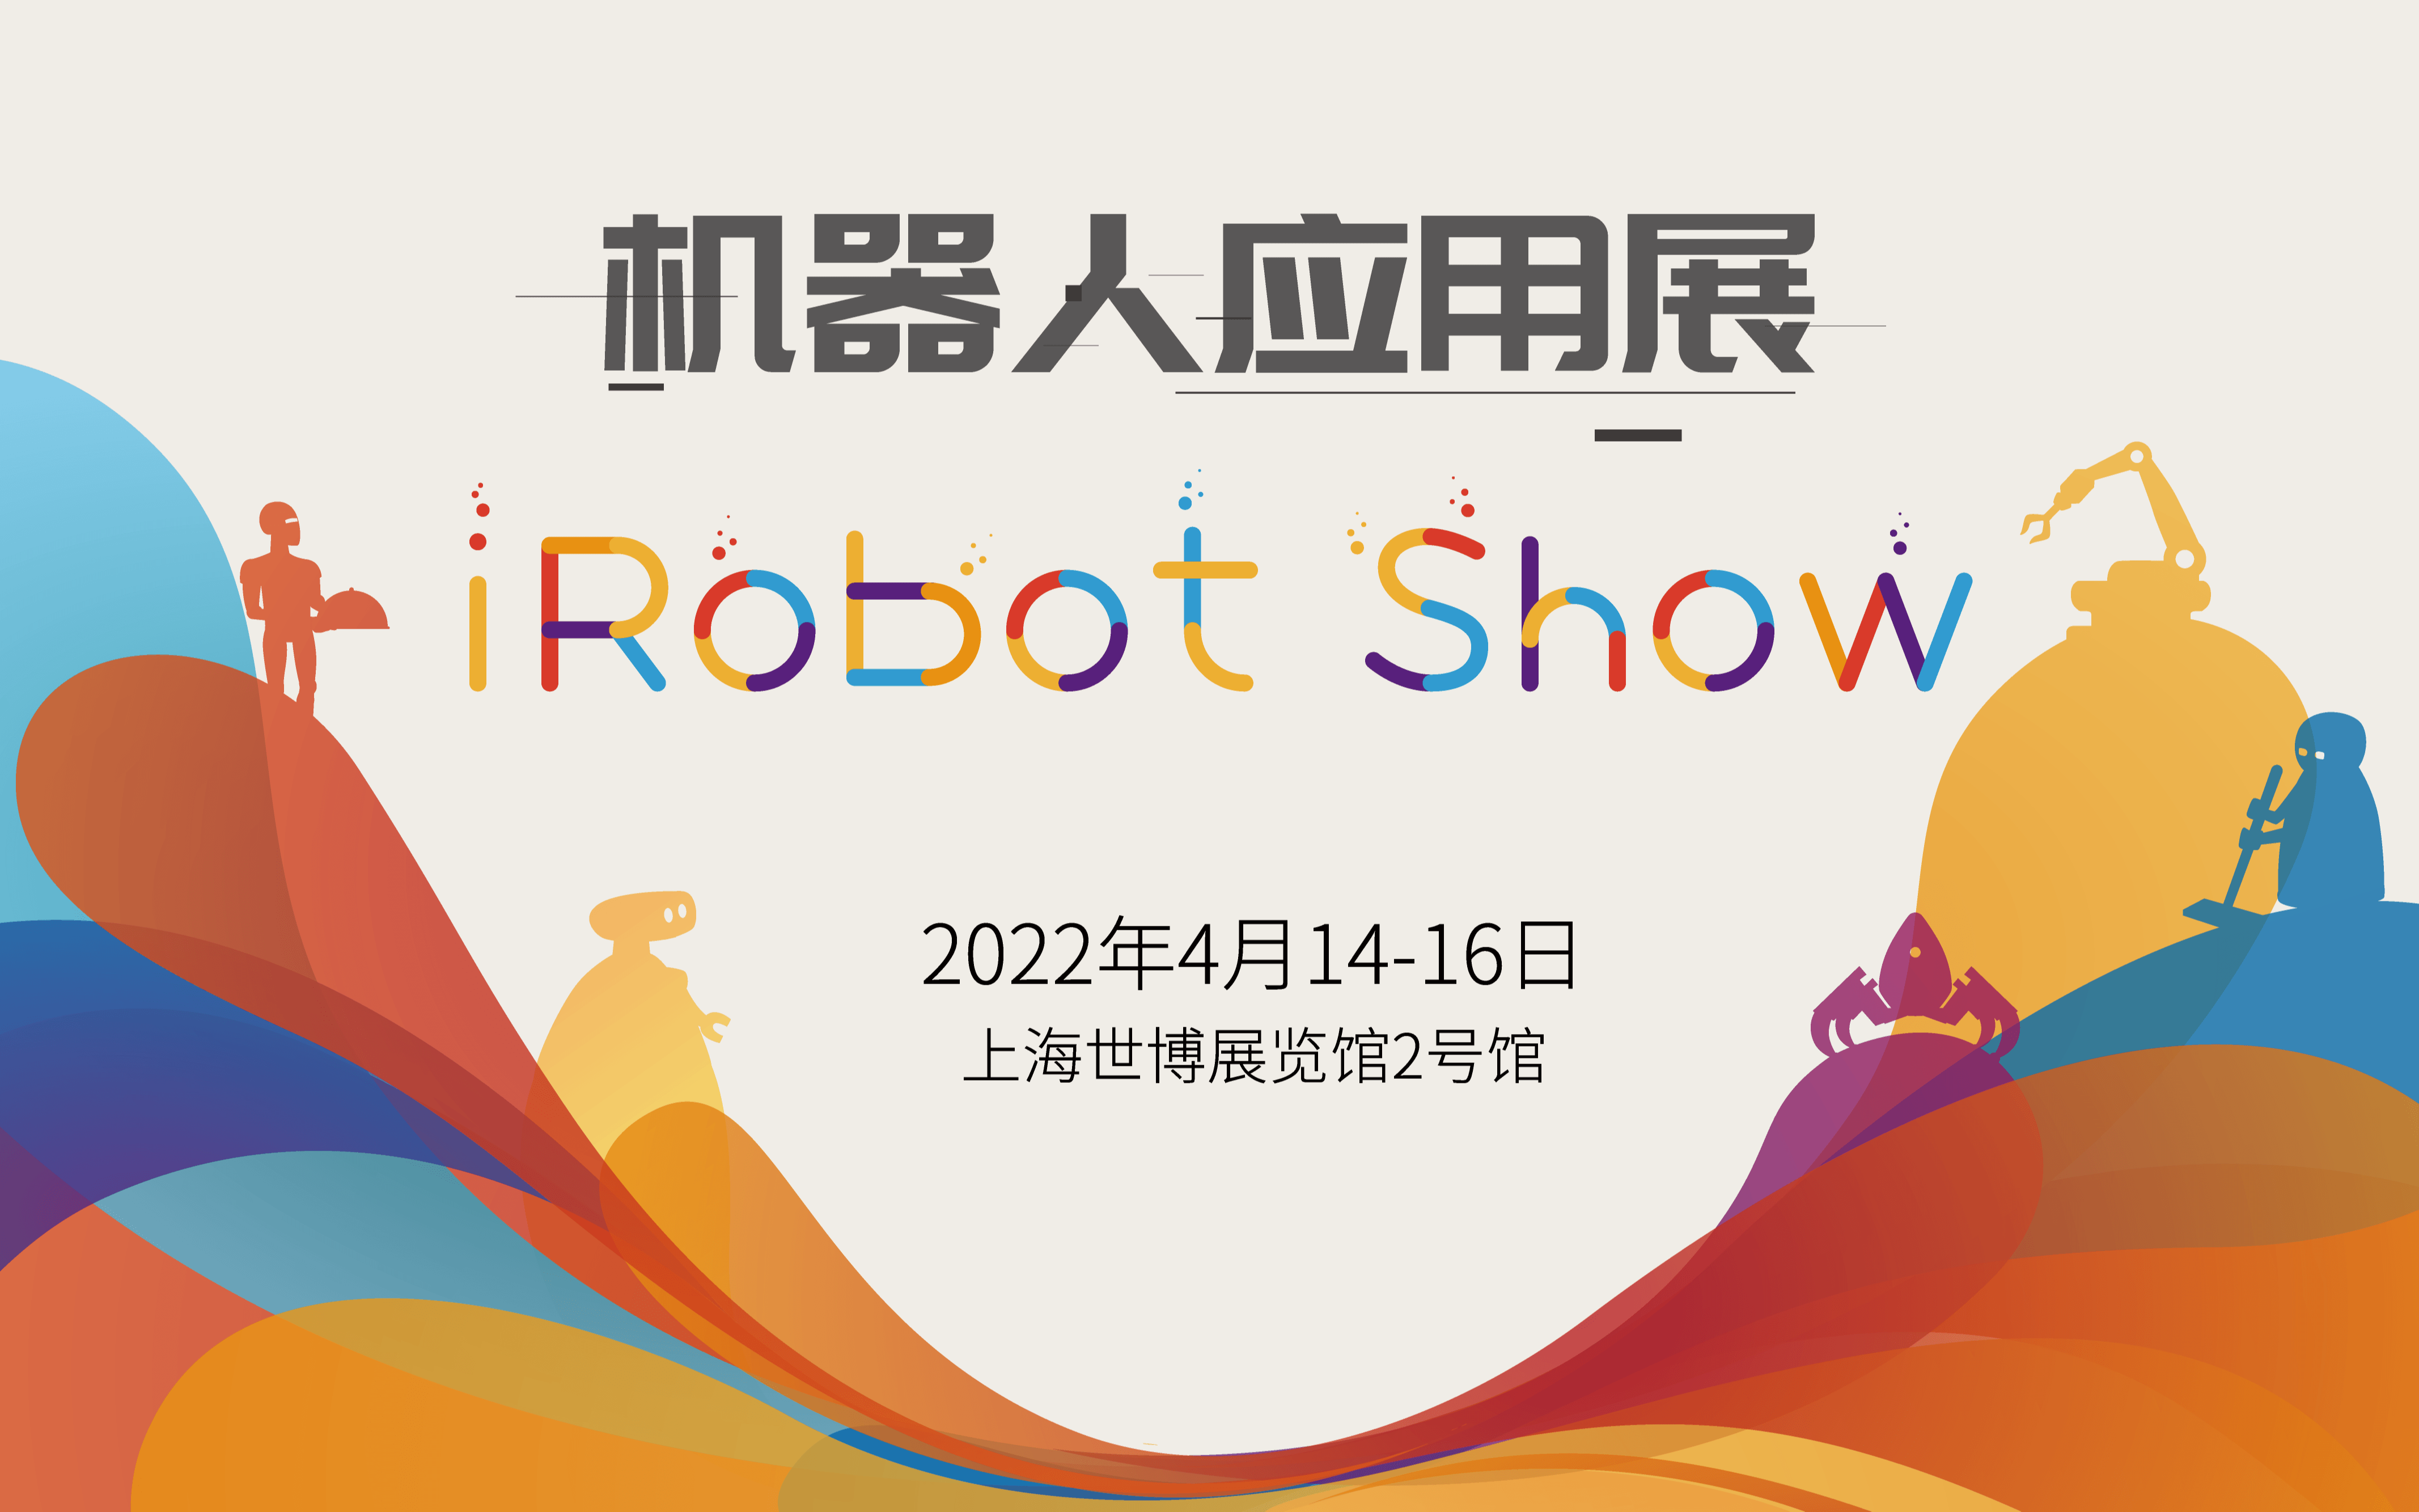 第四届中国国际服务机器人创新发展大会(暨2022年机器人应用展iRobot Show)